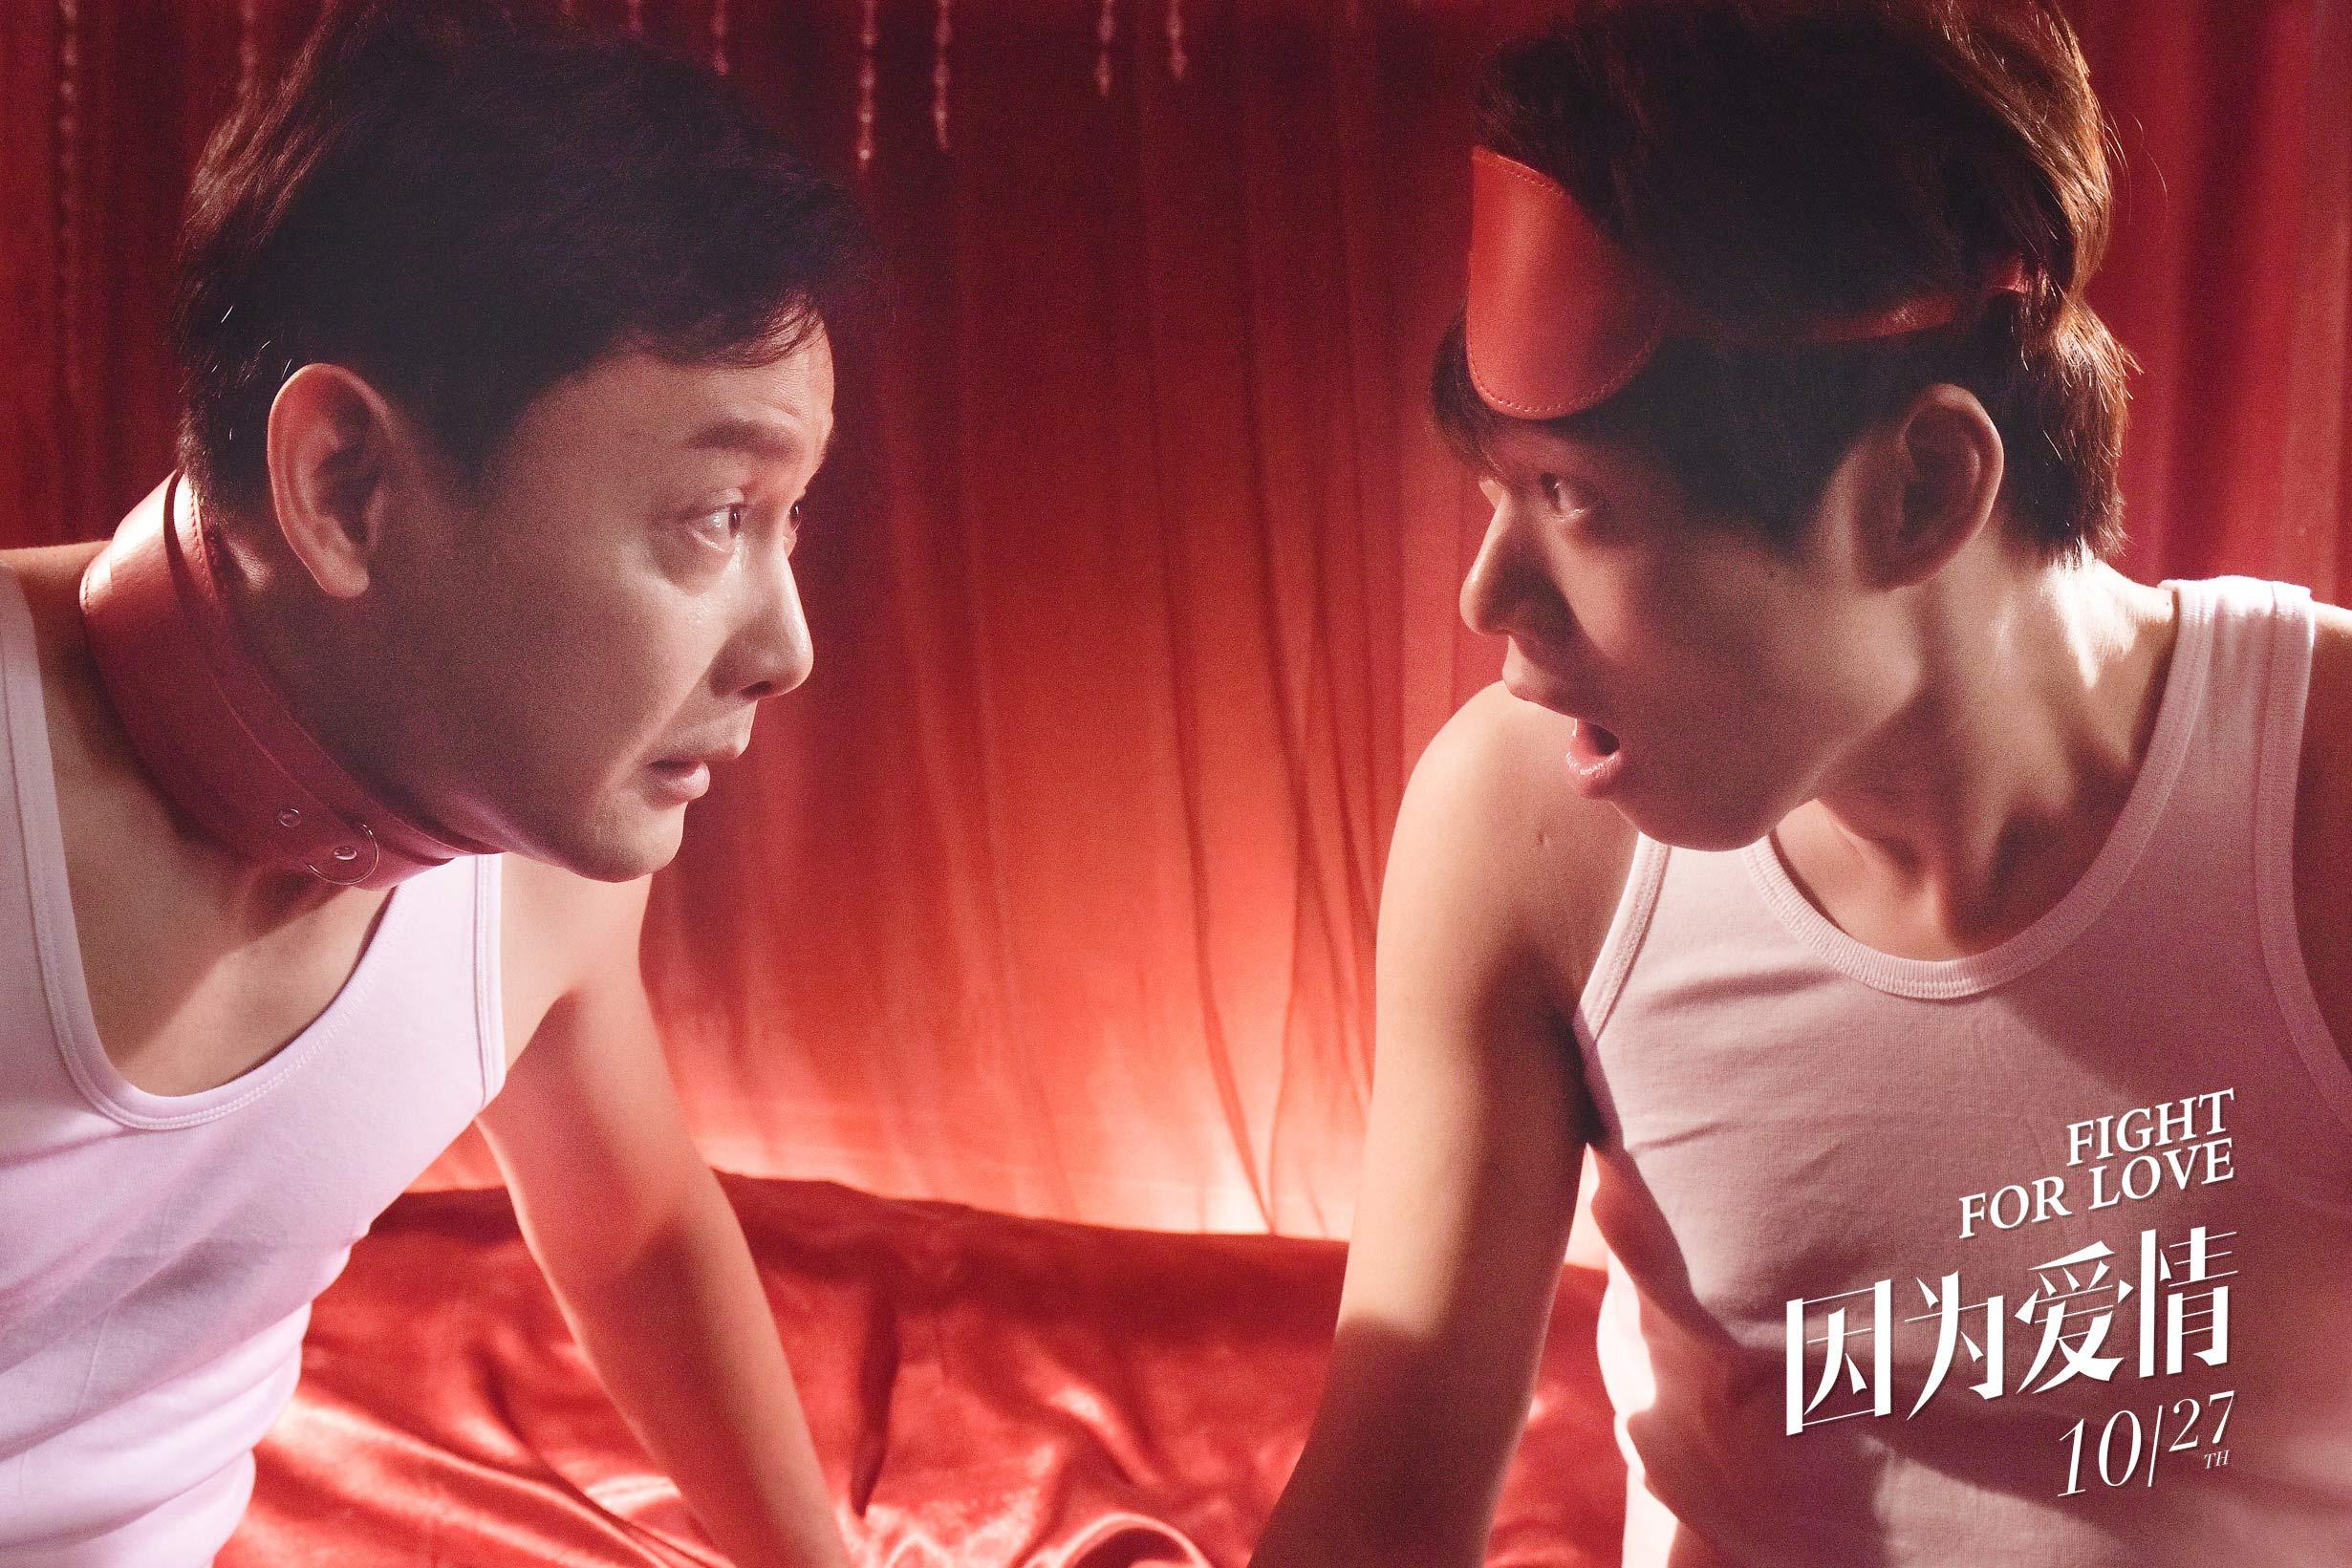 《因为爱情》甜涩交织,魏大勋郭姝彤打造另类恋爱神器 - 狐狸·梦见乌鸦 - 埋骨之地